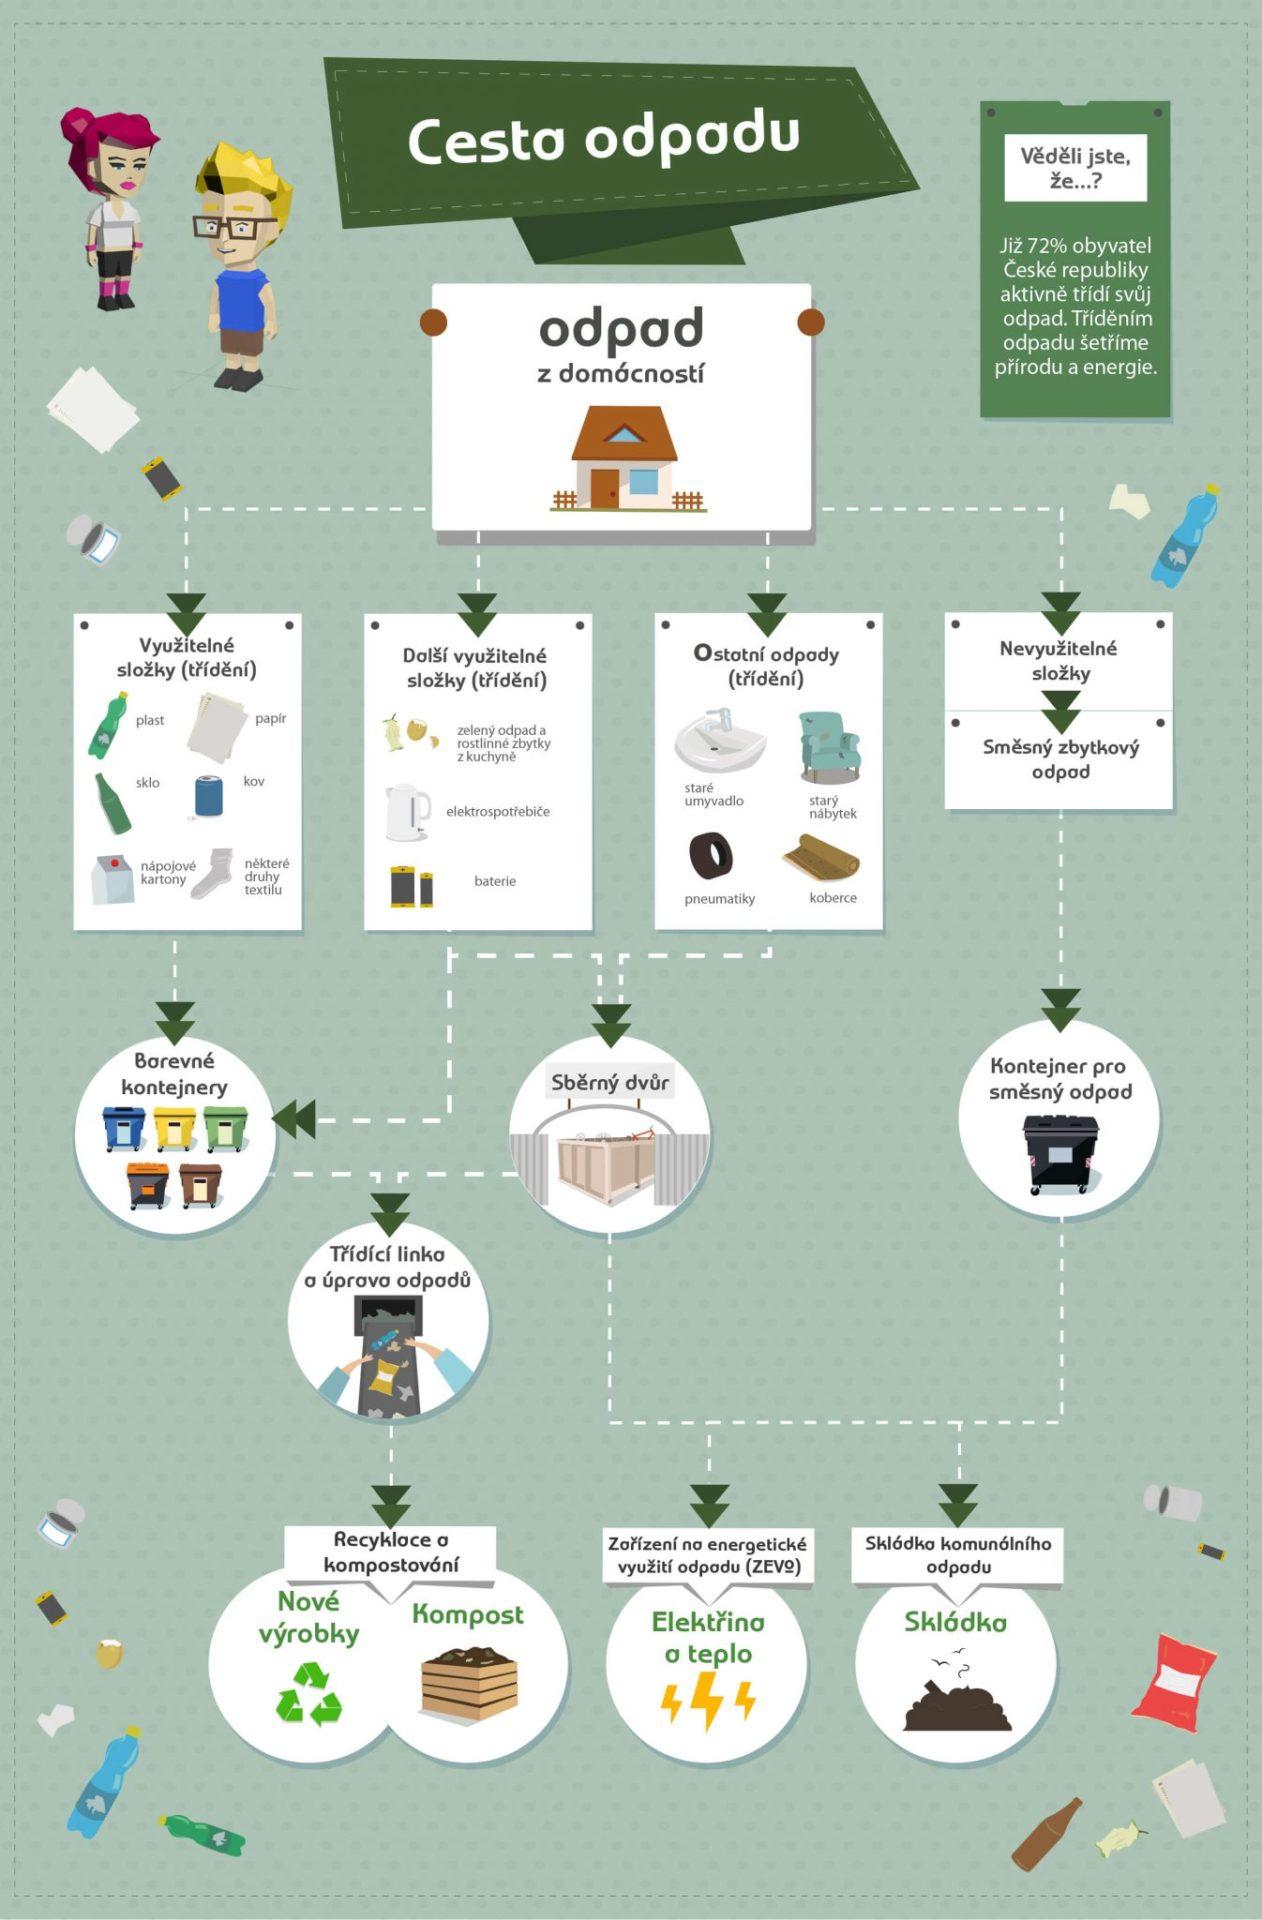 Cesta odpadu infografika